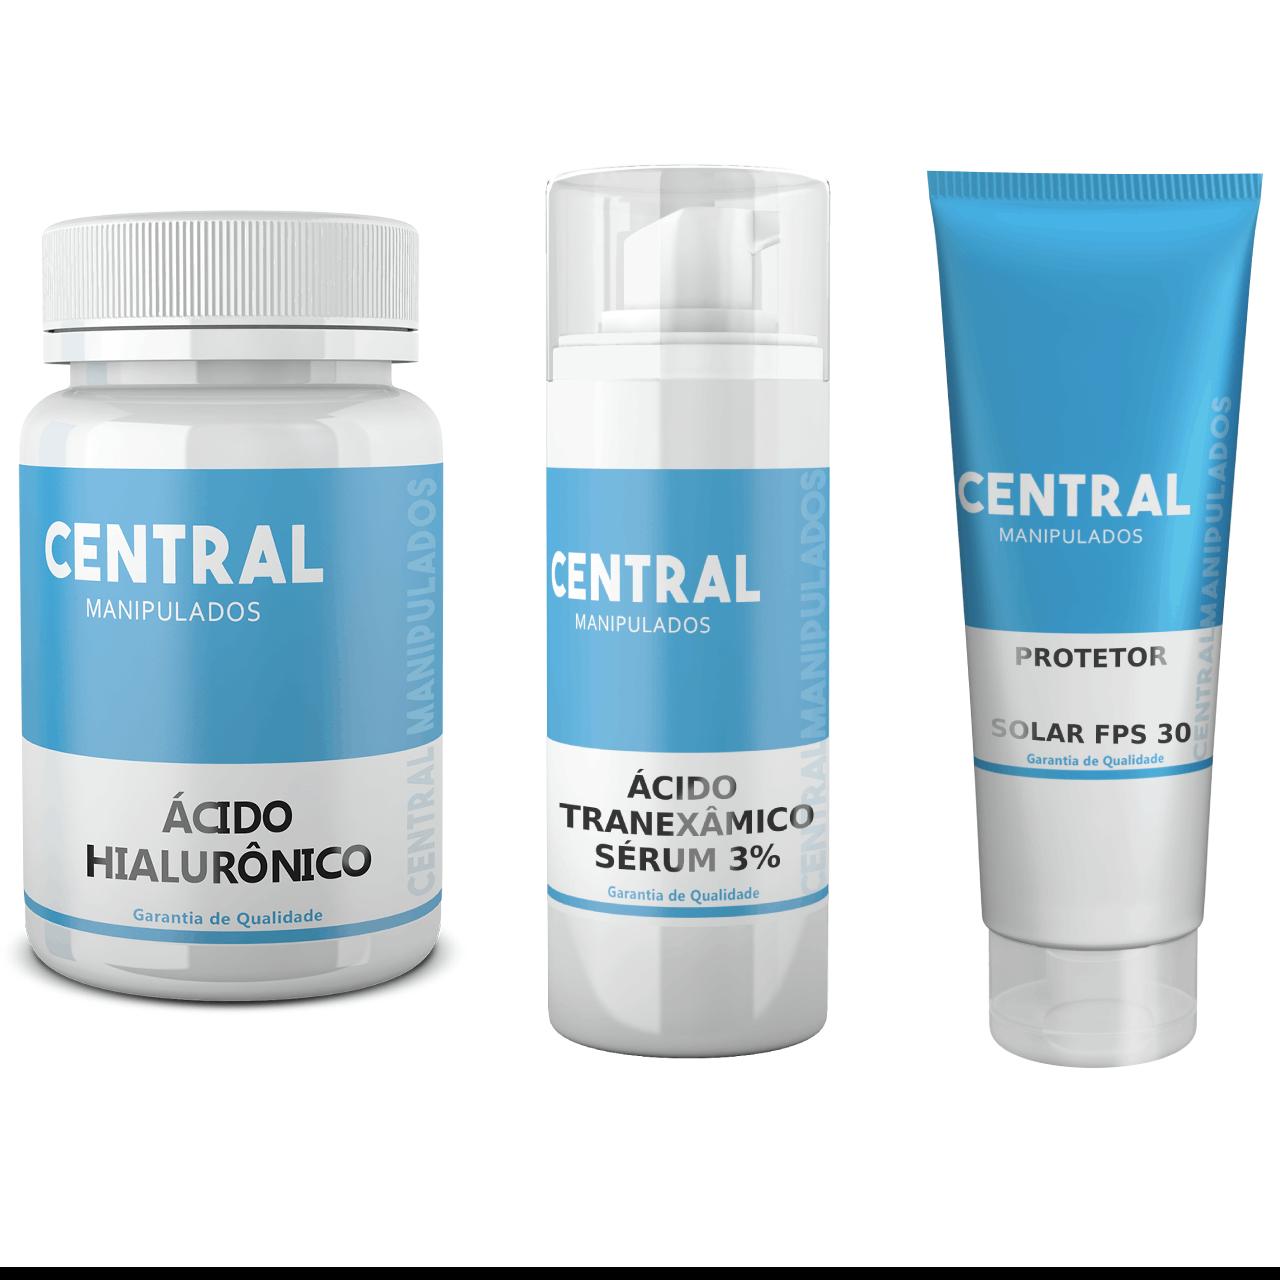 Ácido Hialurônico 50mg - 30 cápsulas + Ácido Tranexâmico 3% - 30mL Sérum + Protetor Solar Toque Seco FPS 30 - 60 gramas